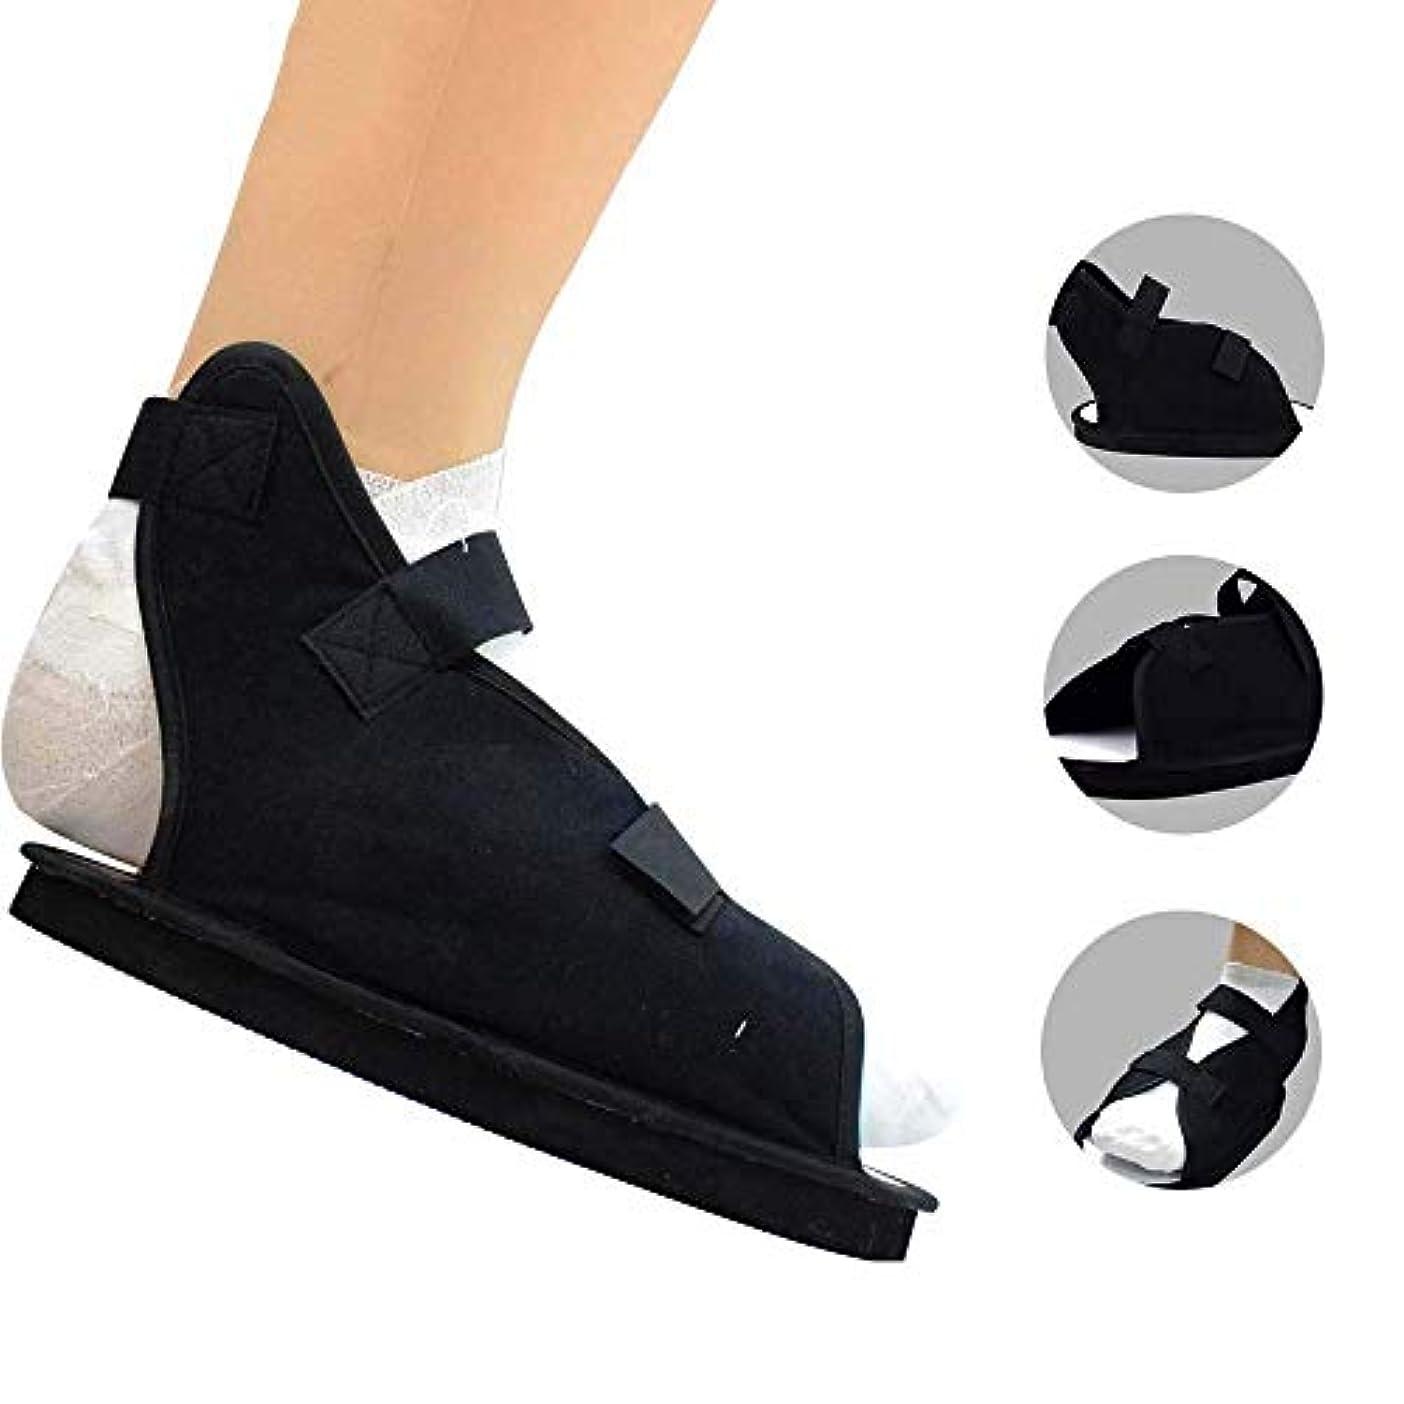 術後靴、傷害後の外科用フットキャスト医療用ウォーキングブーツ (Size : S)